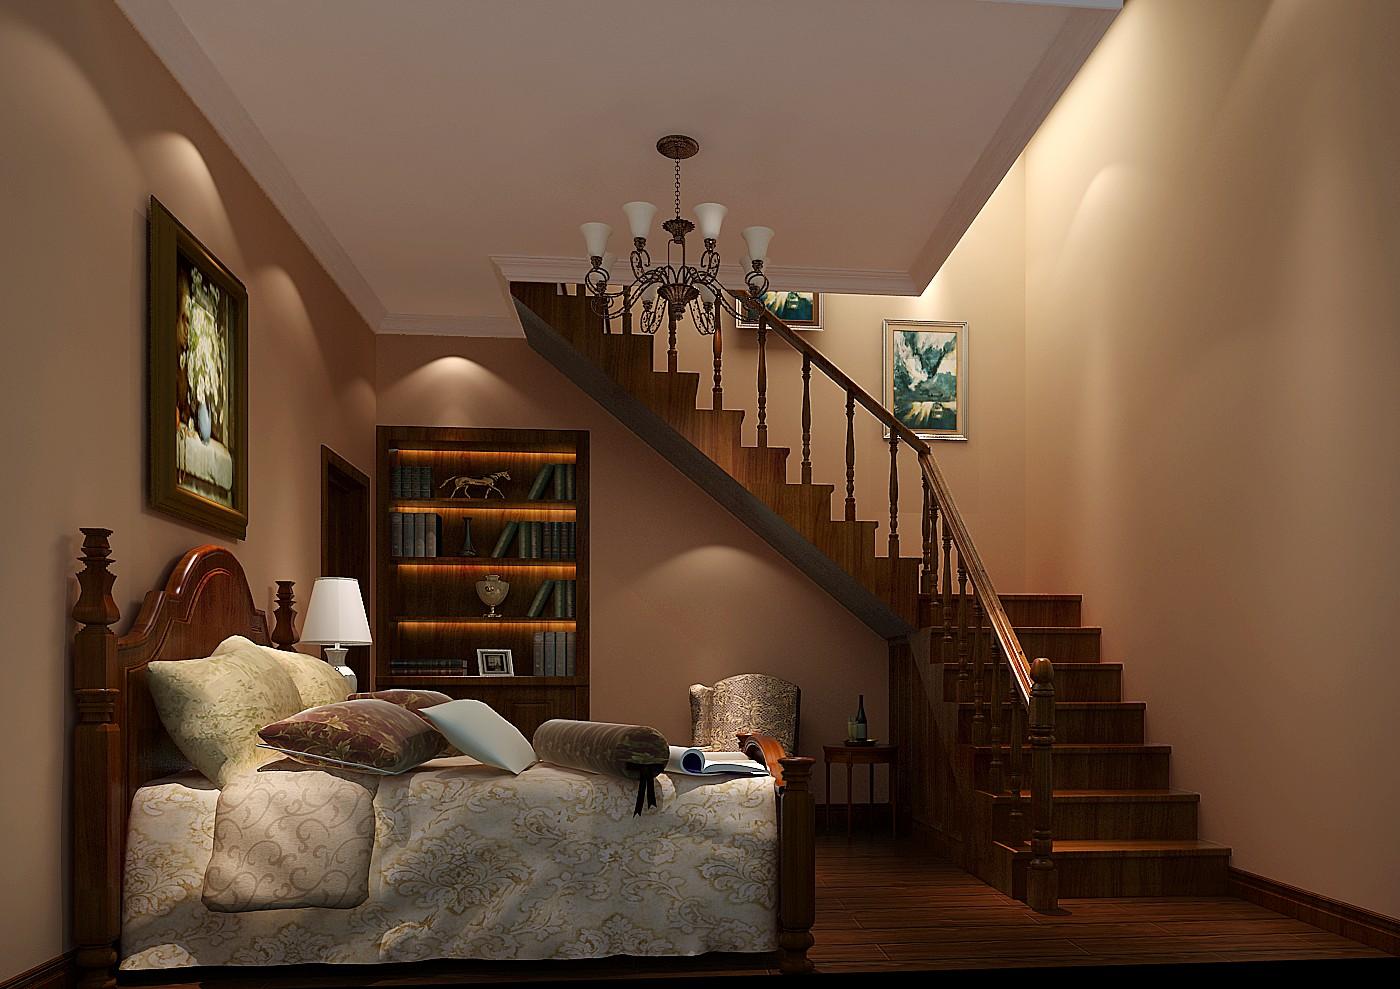 托斯卡纳 混搭 别墅 白领 收纳 小资 高度国际 温馨 舒适 卧室图片来自高度国际王慧芳在万万树的分享